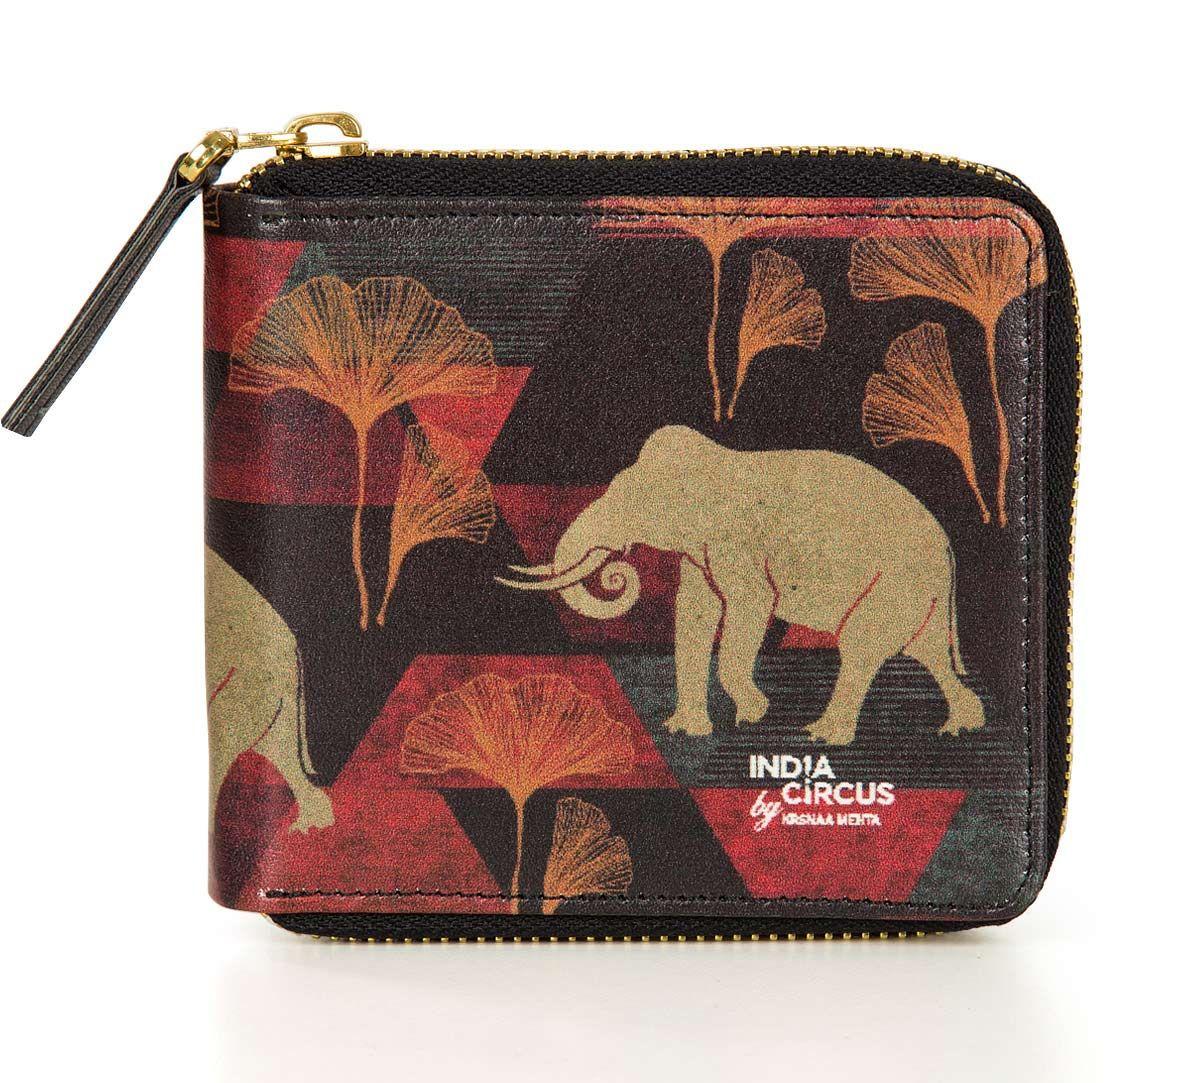 India Circus Gallant Tusker Zipper Wallet